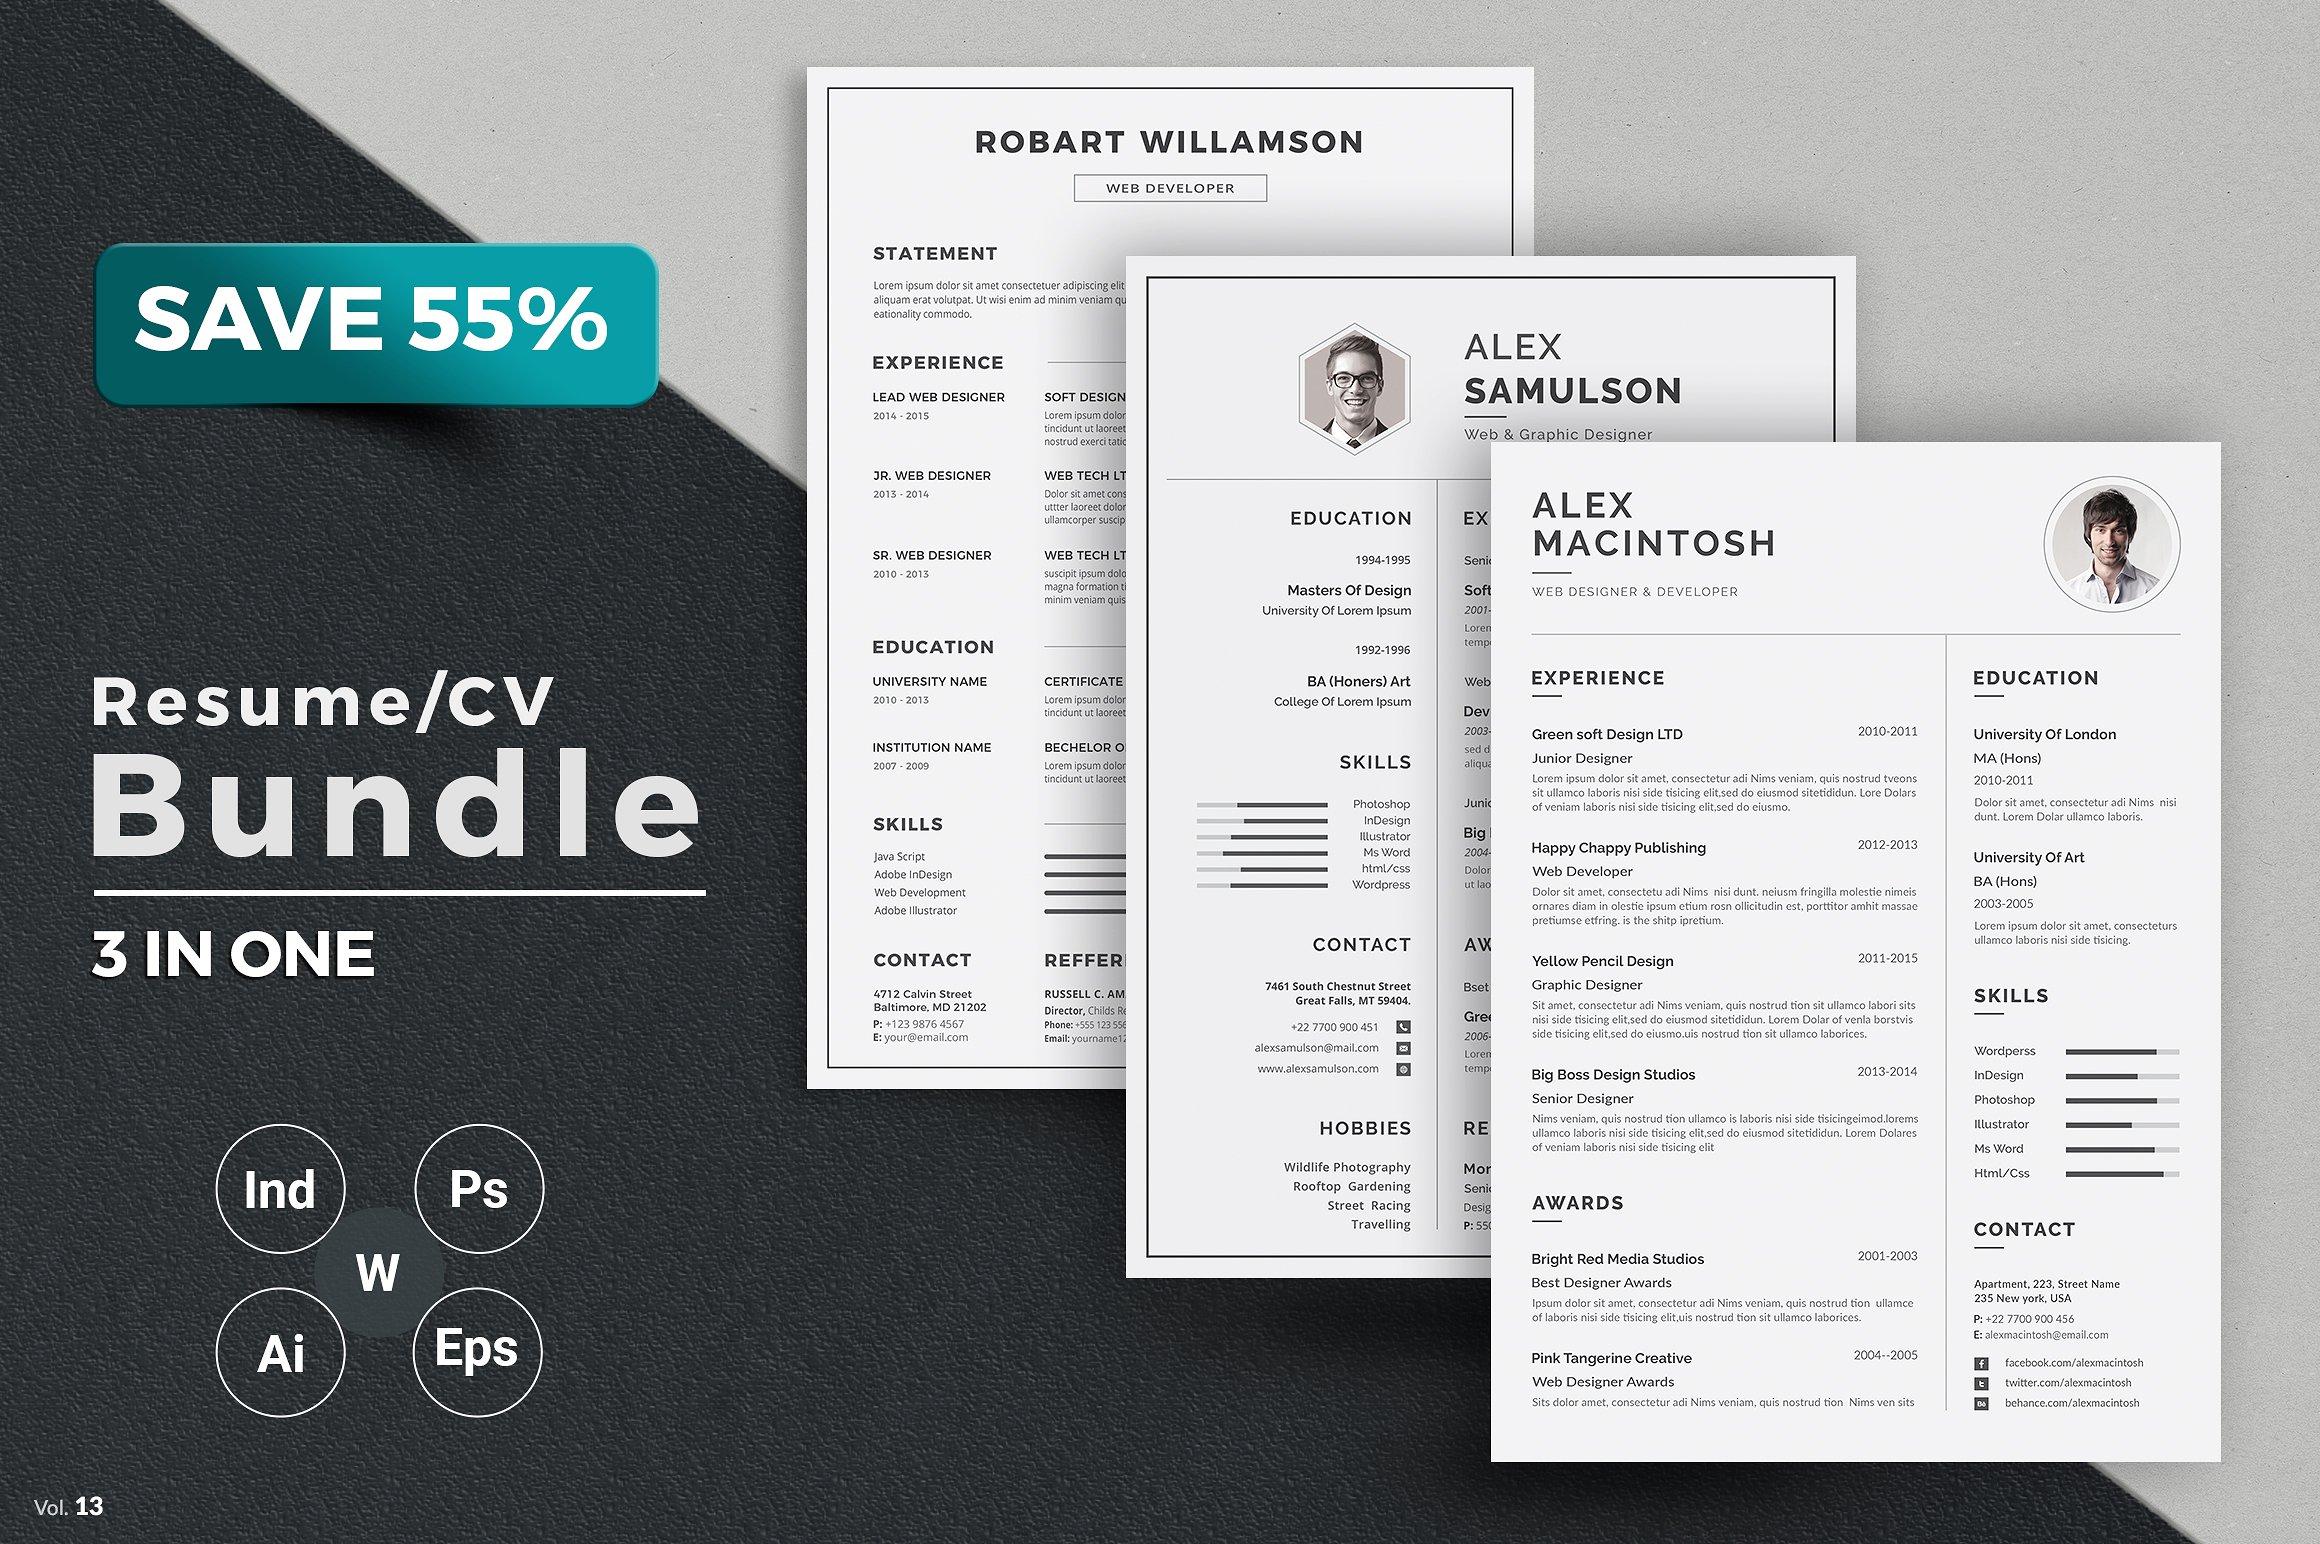 设计师必备高端简约个人简历设计模板大集合